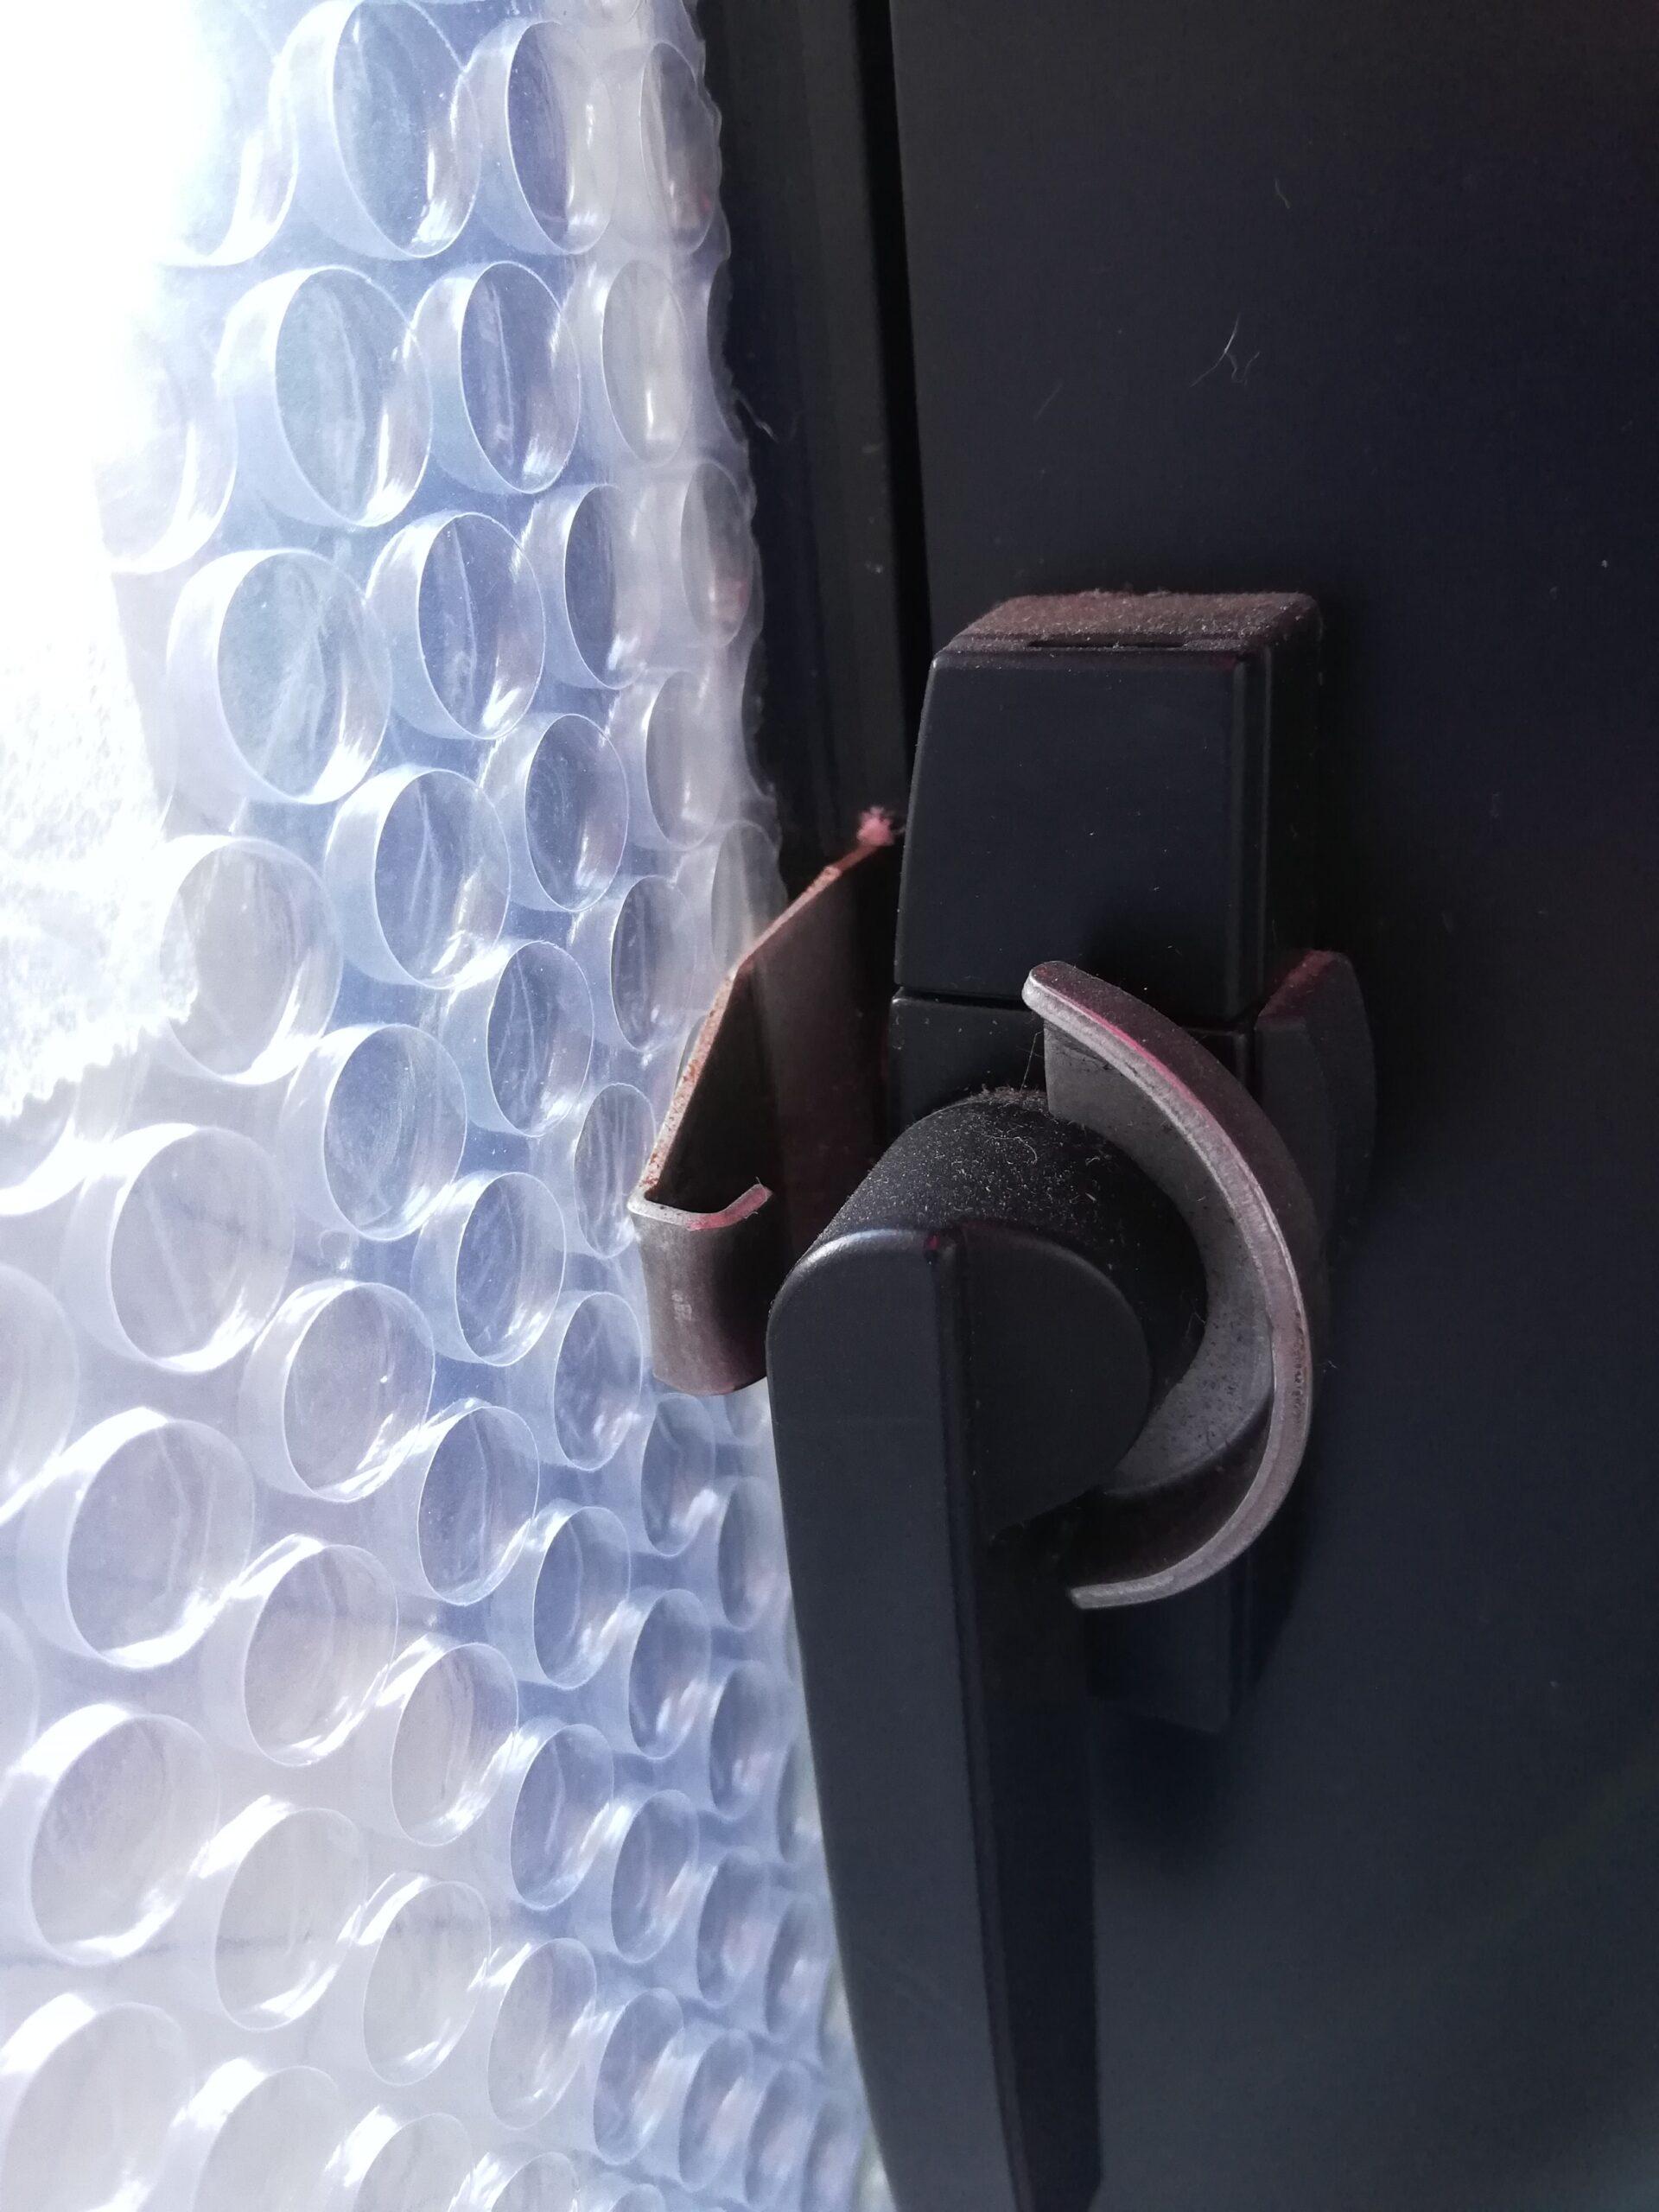 古いアルミサッシに断熱シートが効果的(冷気を遮断して暖房効果が向上)